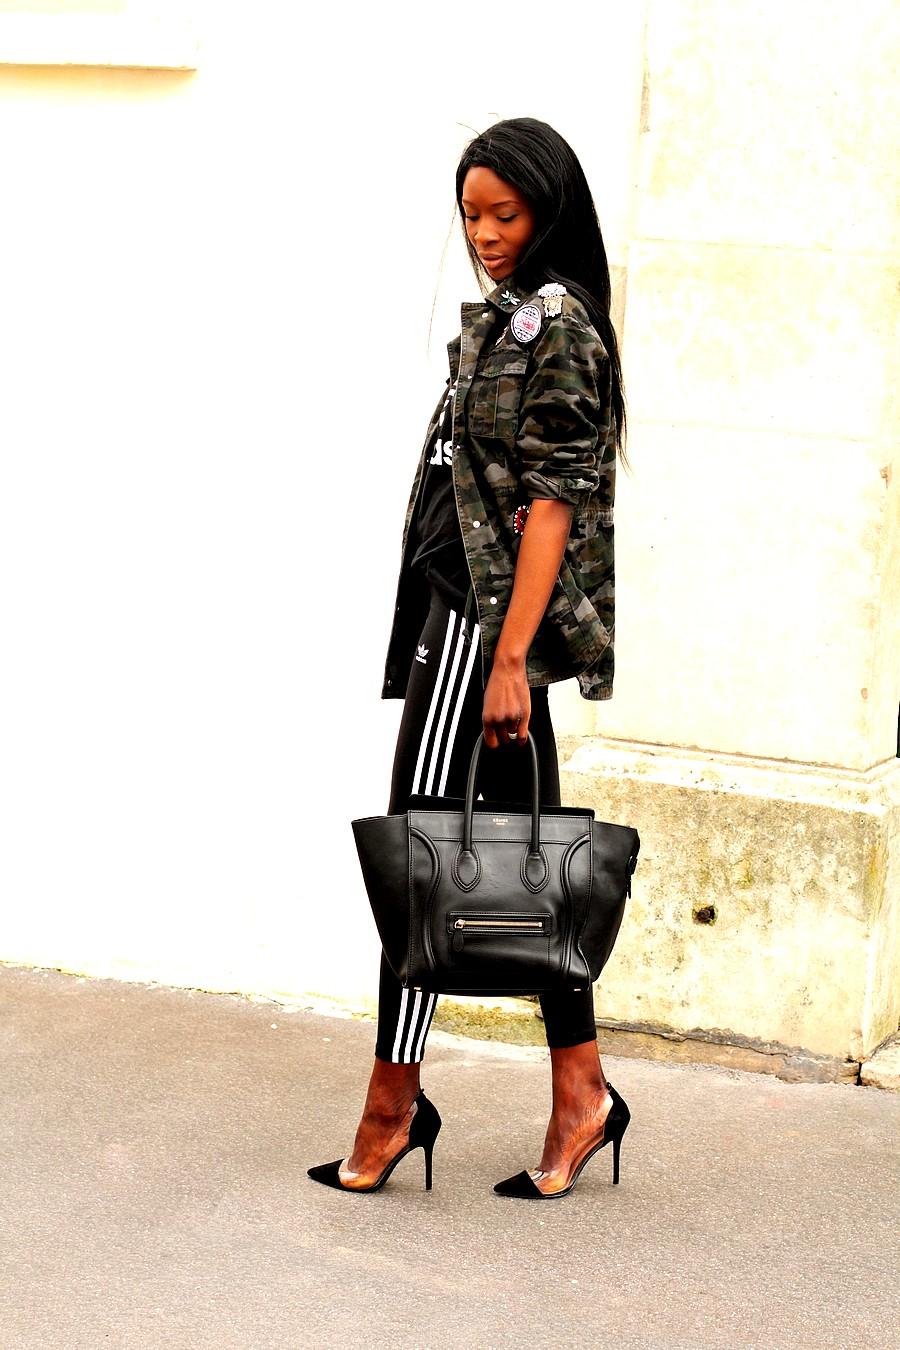 idee-look-legging-adidas-sac-celine-luggage-parka-kaki